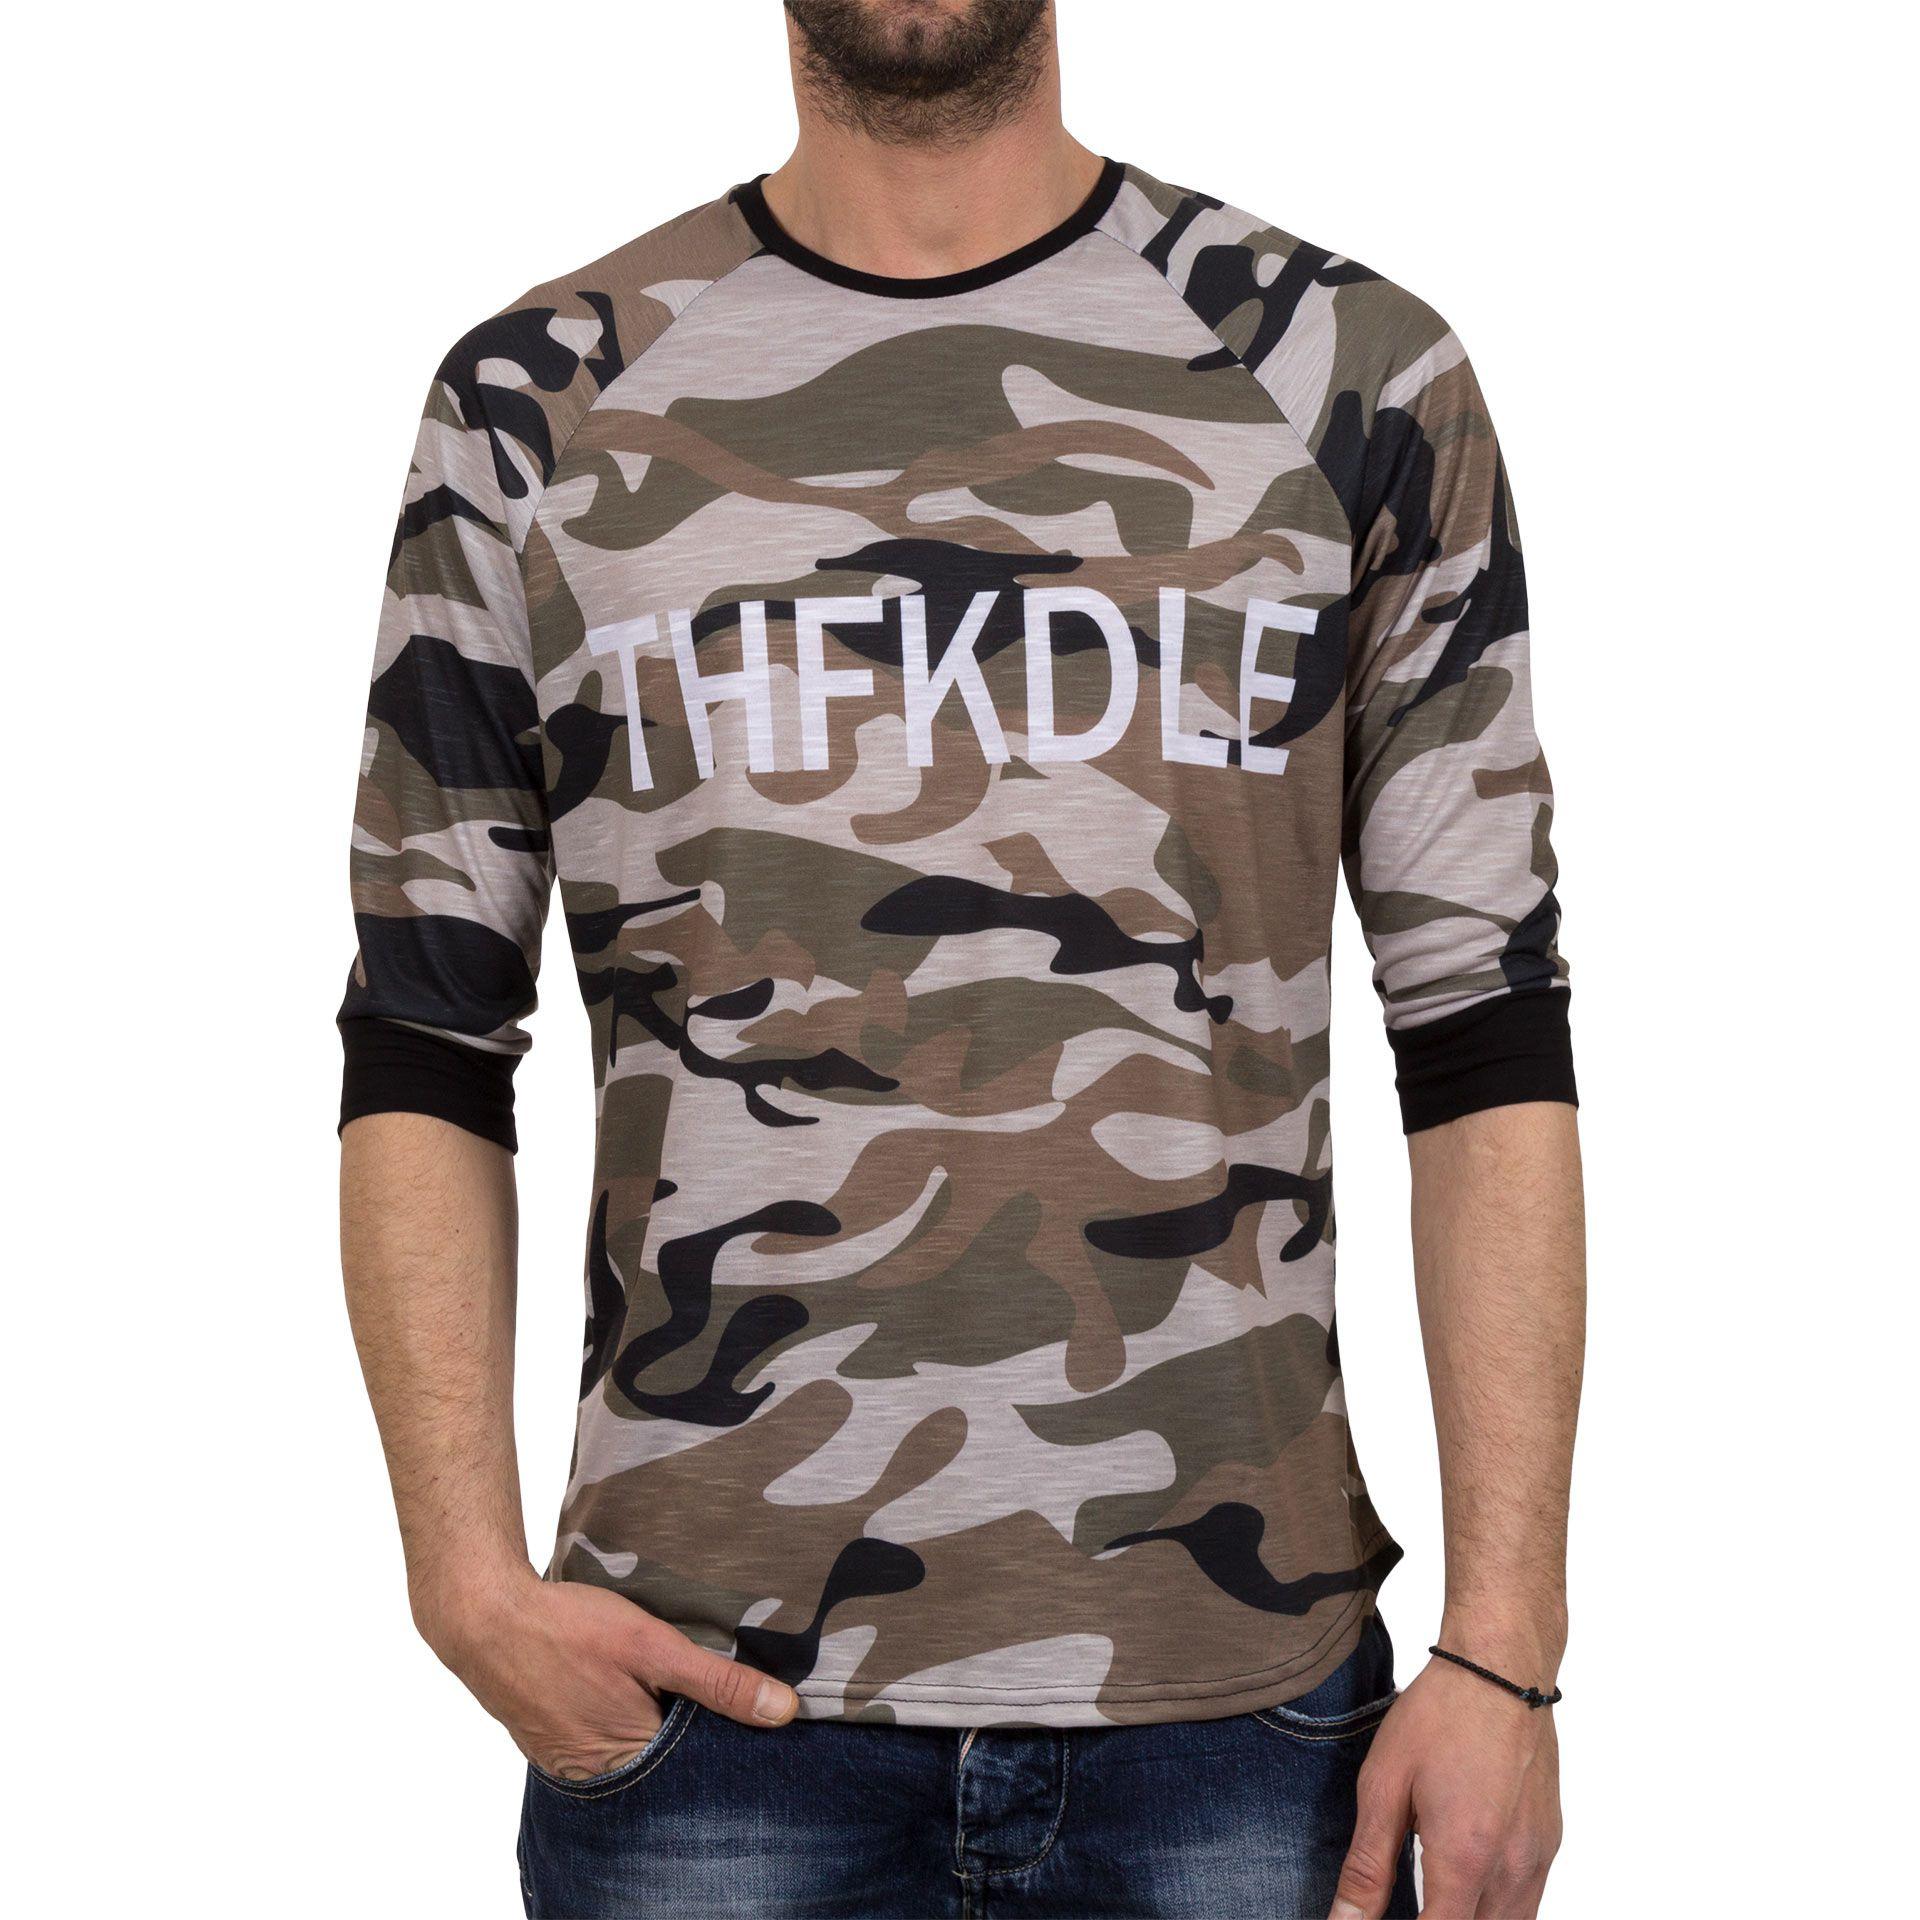 Ανδρική μπλούζα T-Shirt FreeWave Army